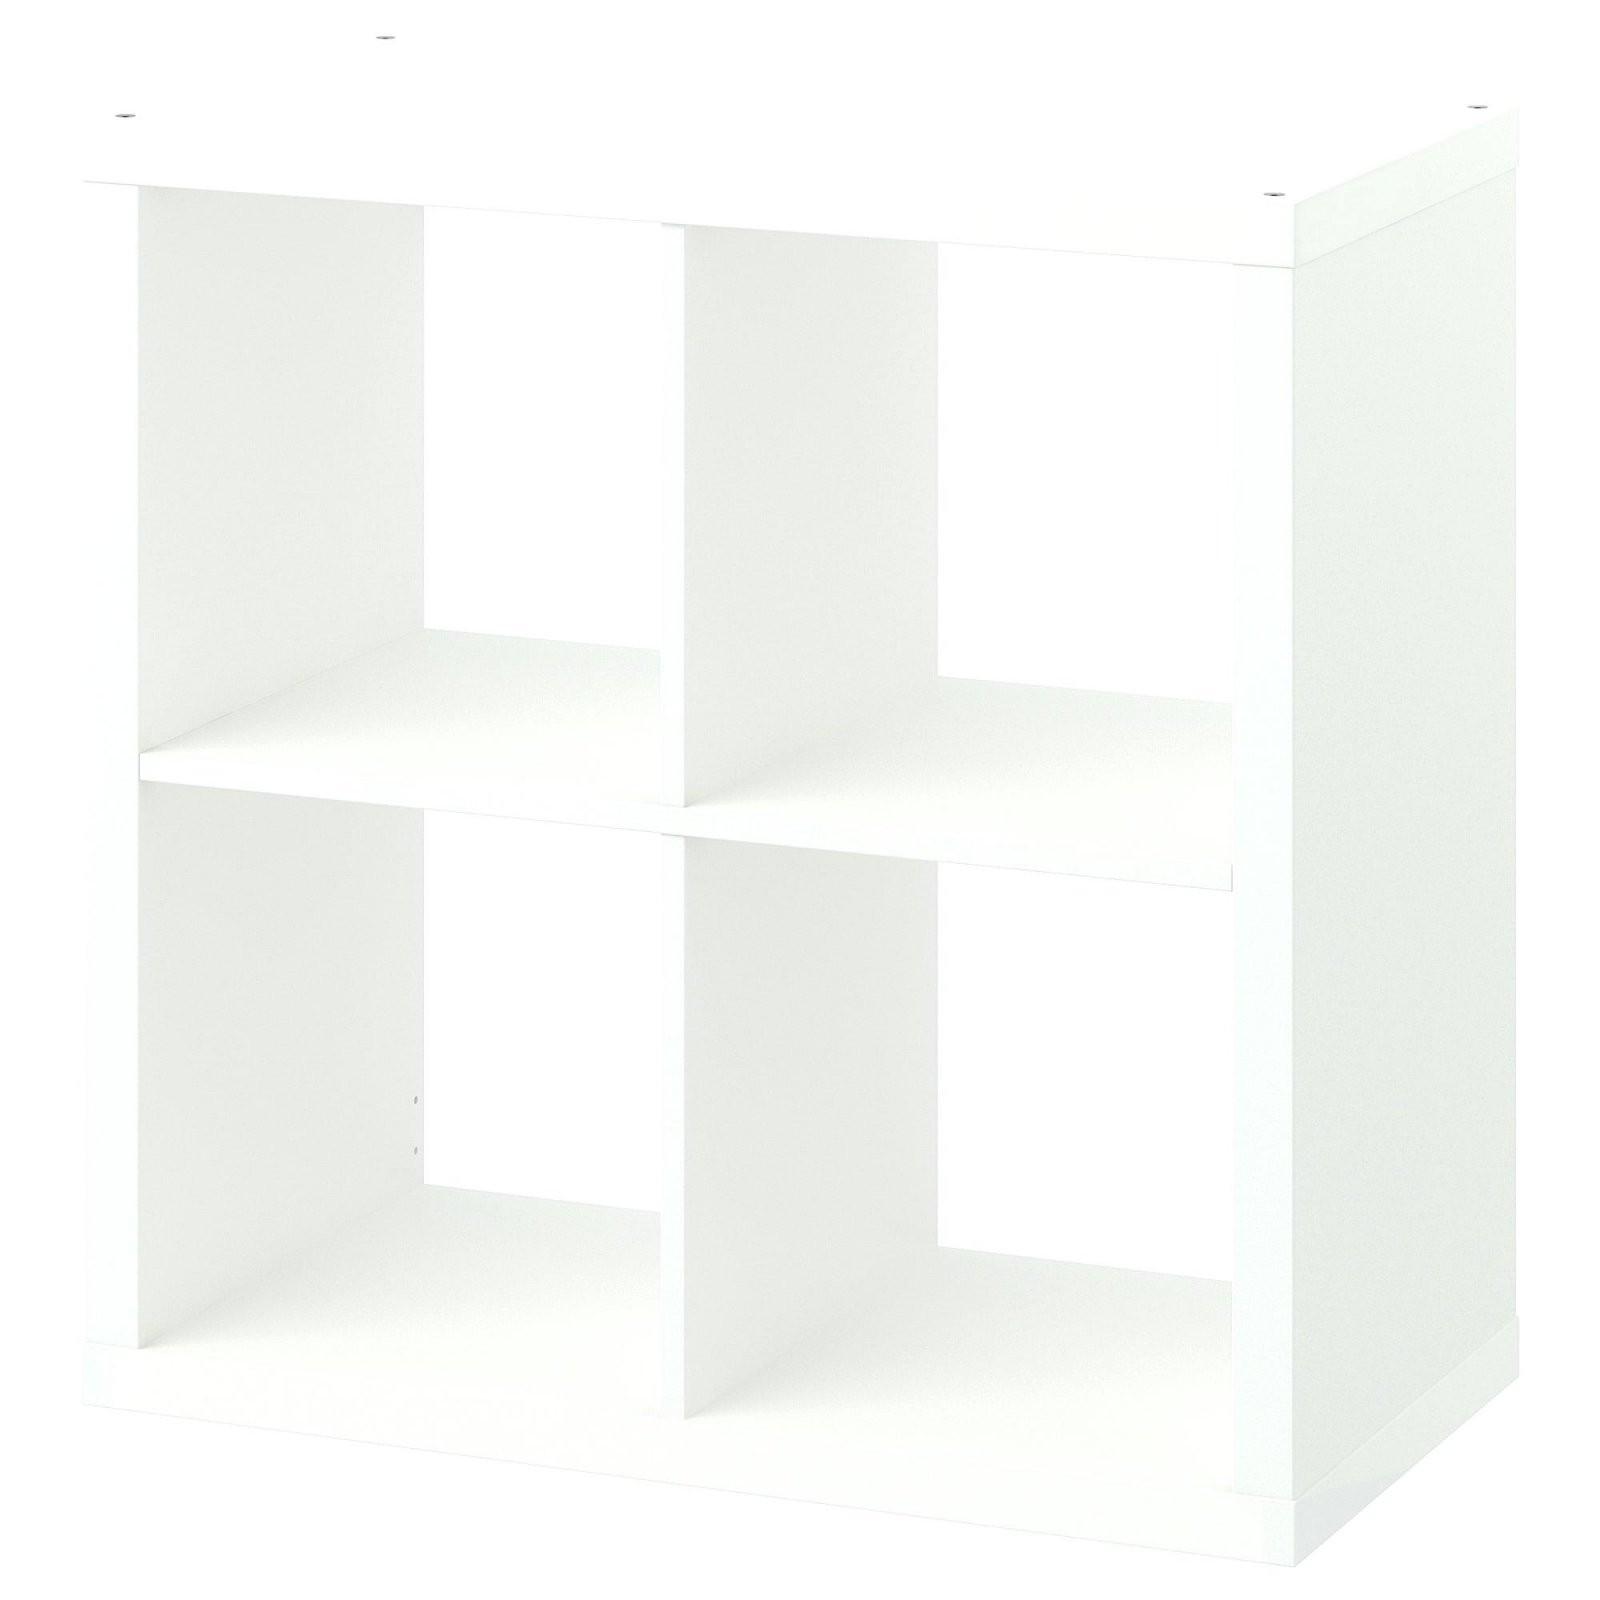 Bester Kallax Regal Weiß – Vegasoft von Ikea Regal Kallax Gebraucht Bild